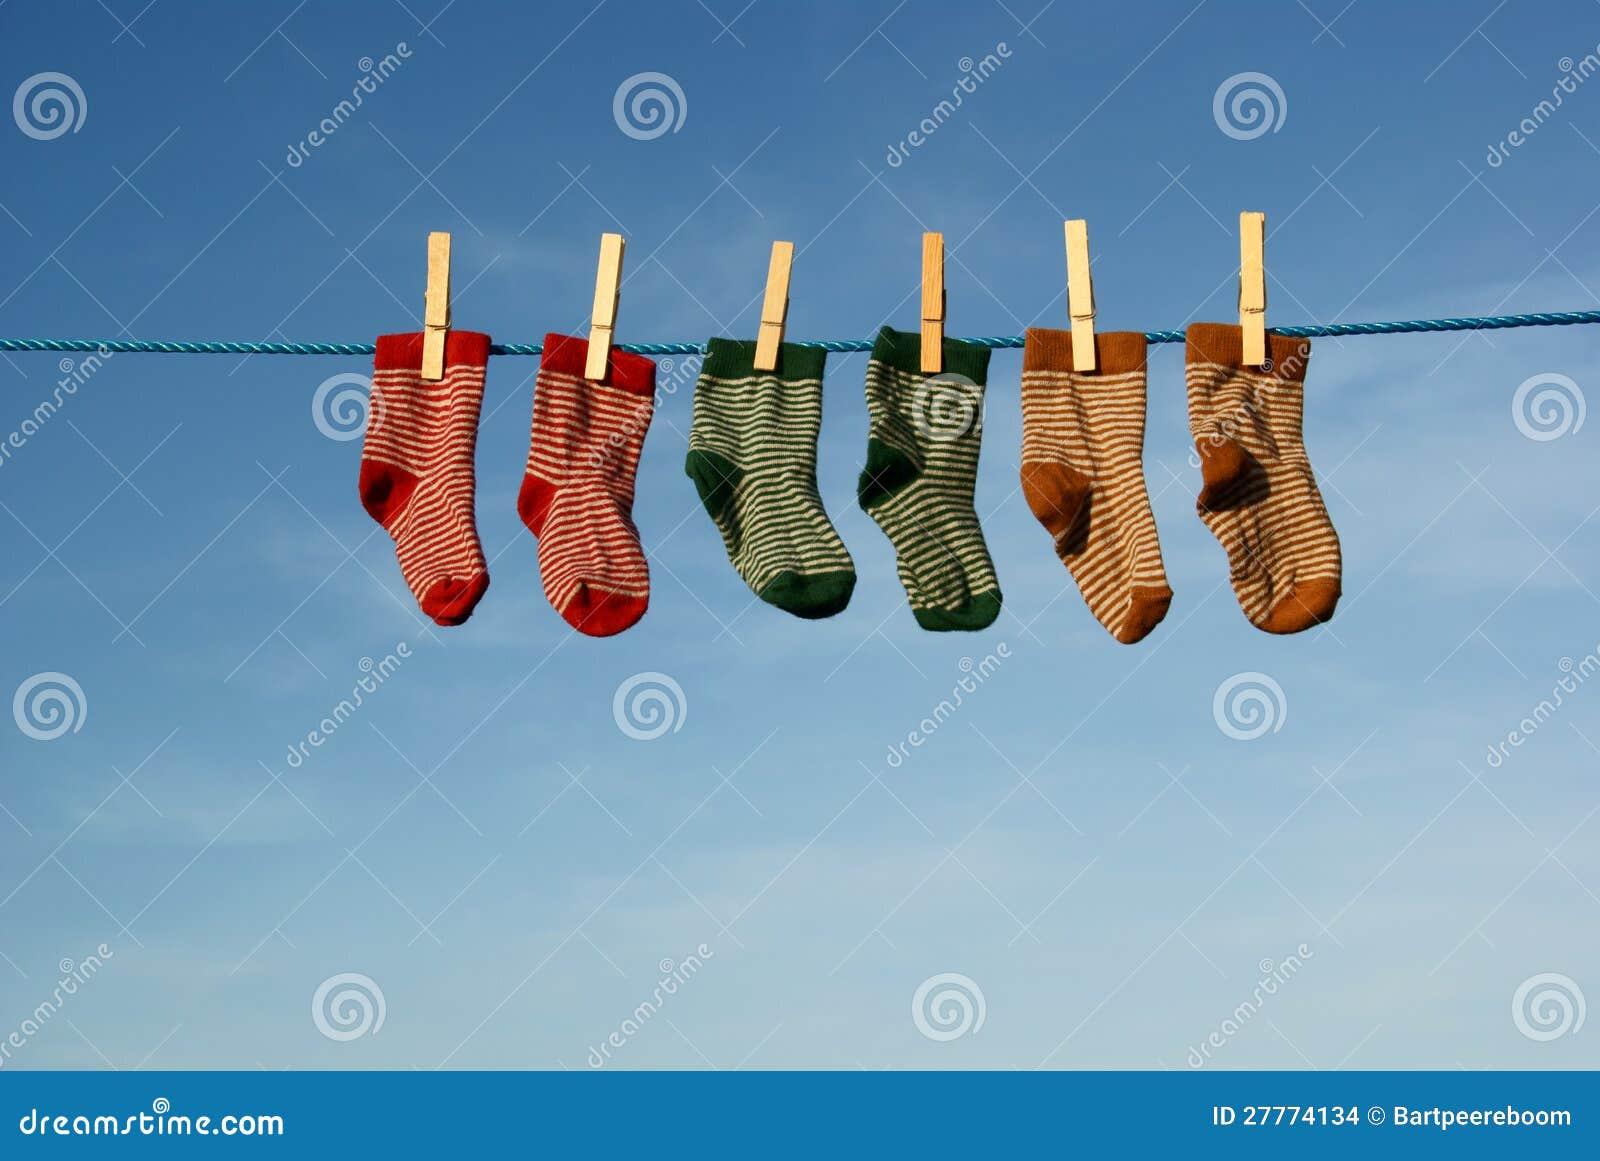 Chaussettes colorées de chéri